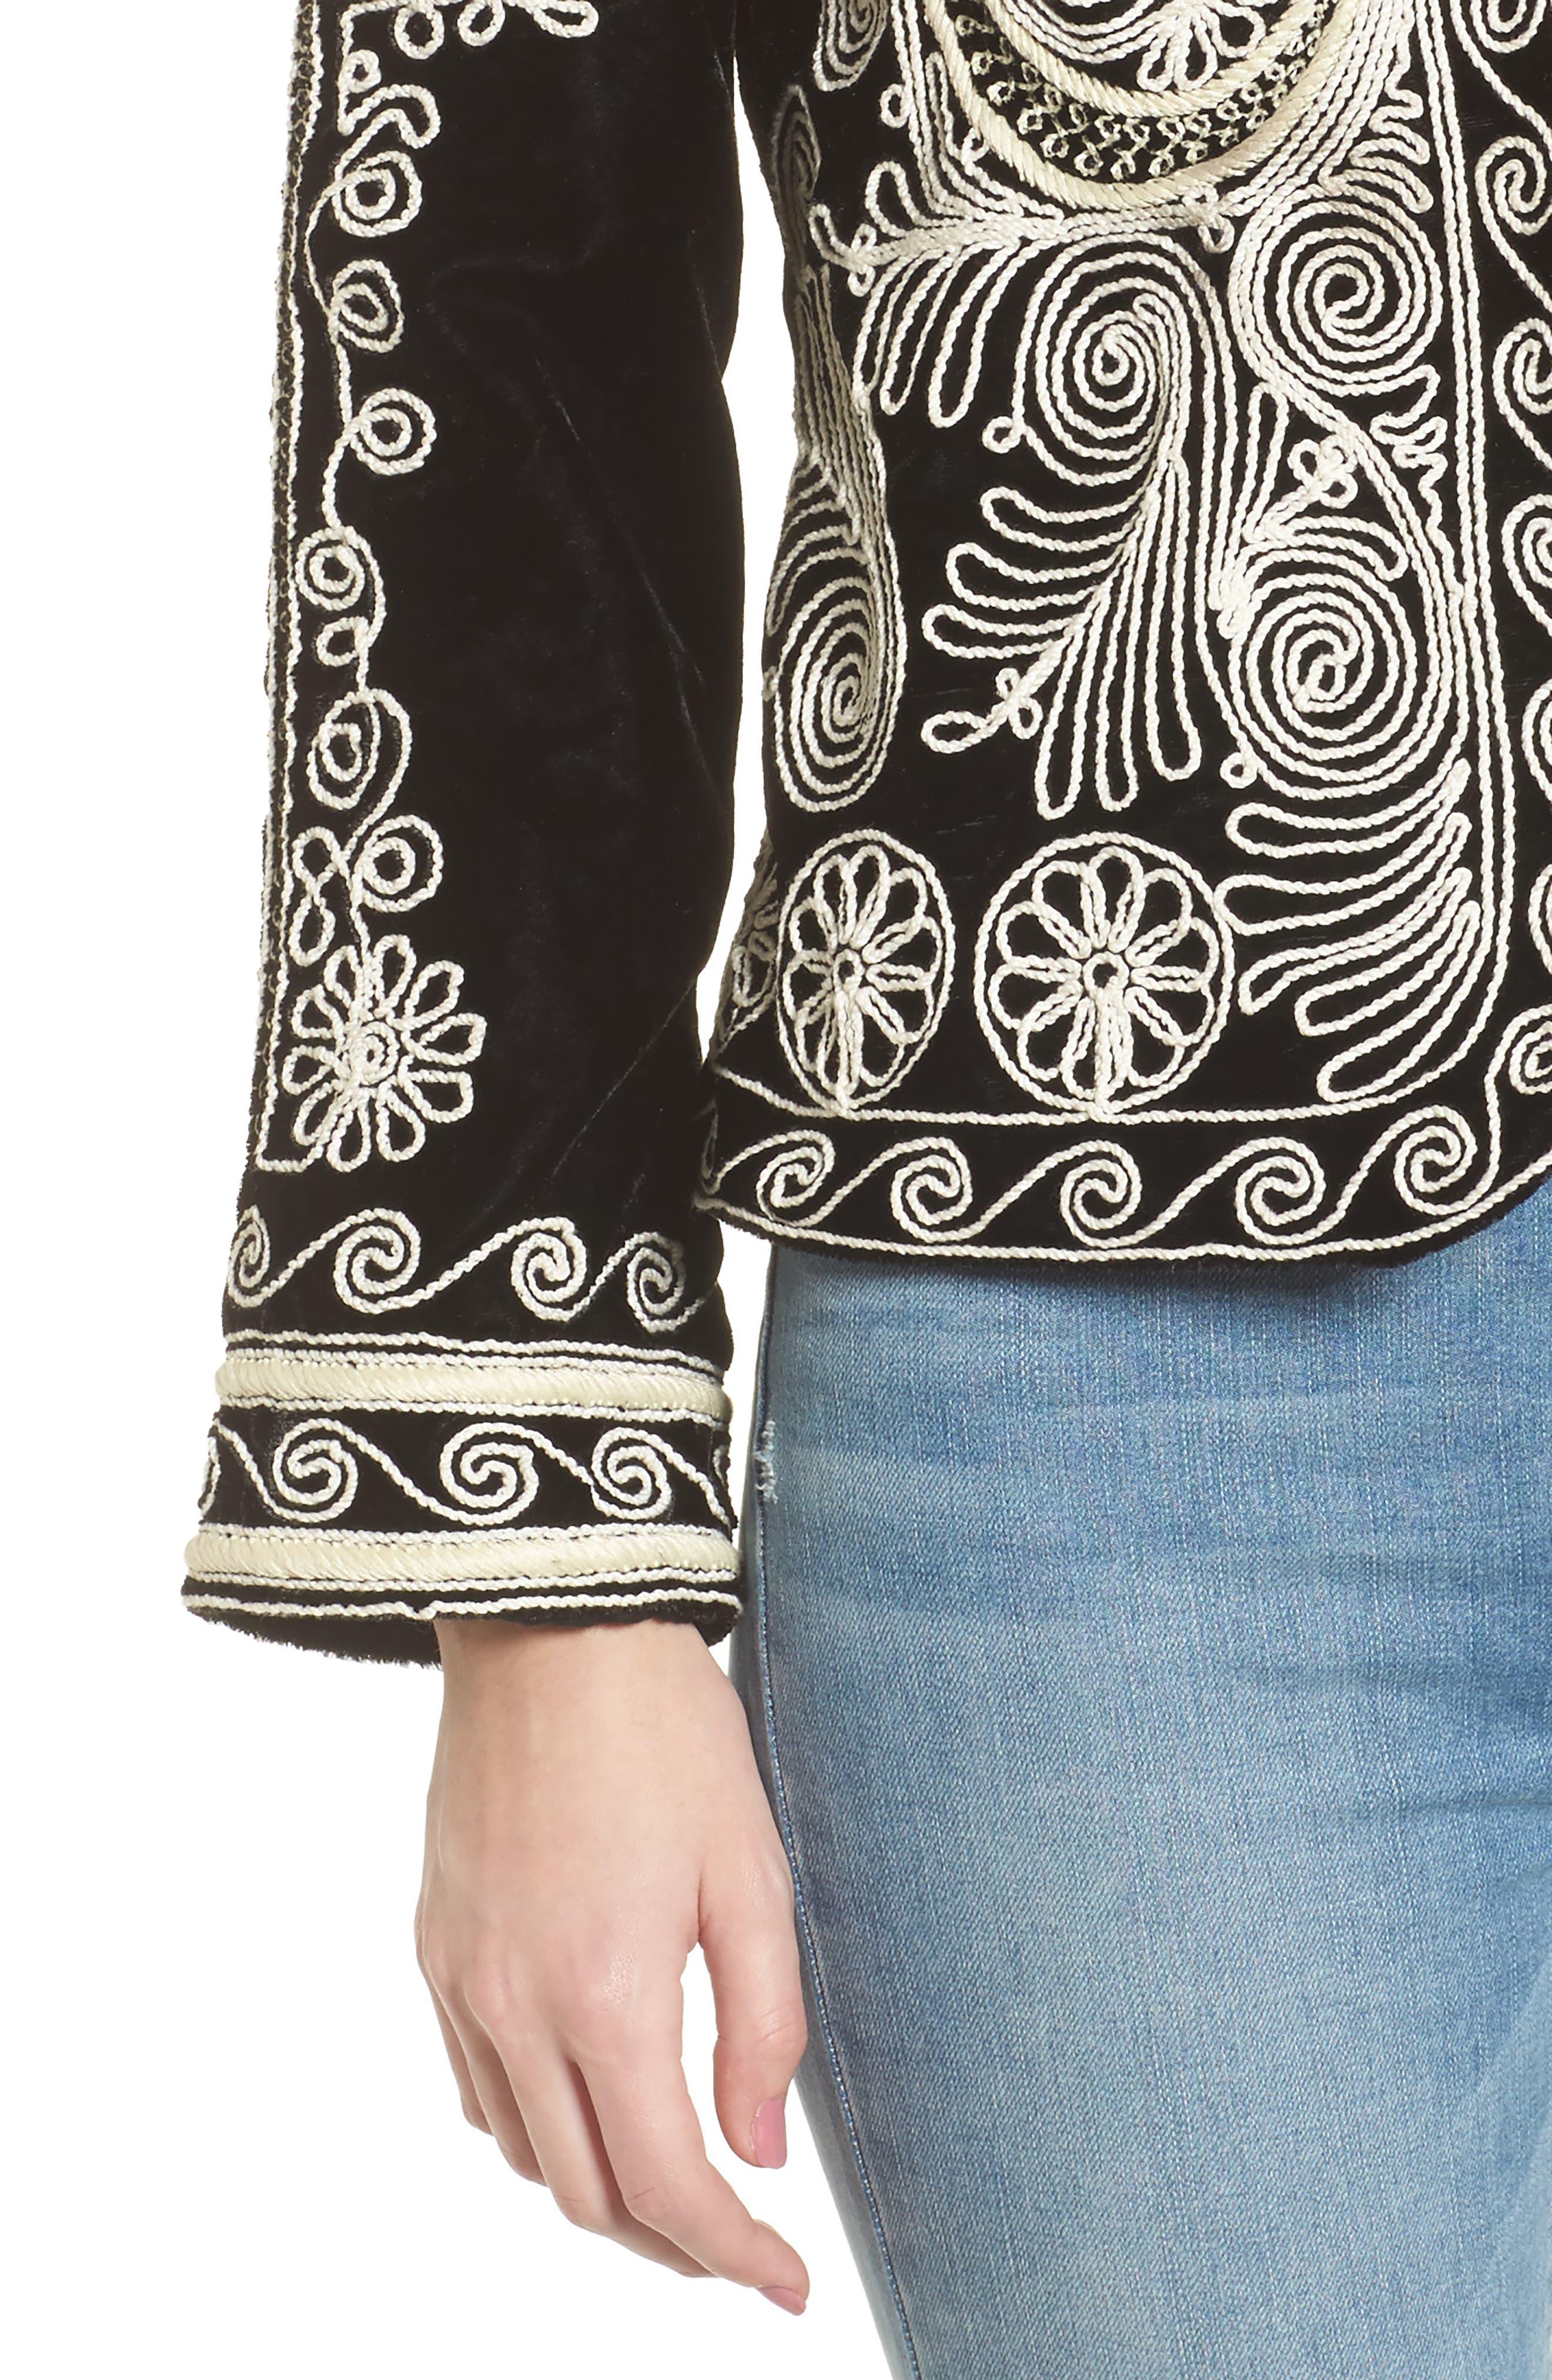 Embroidered Velvet Jacket,                             Alternate thumbnail 4, color,                             001